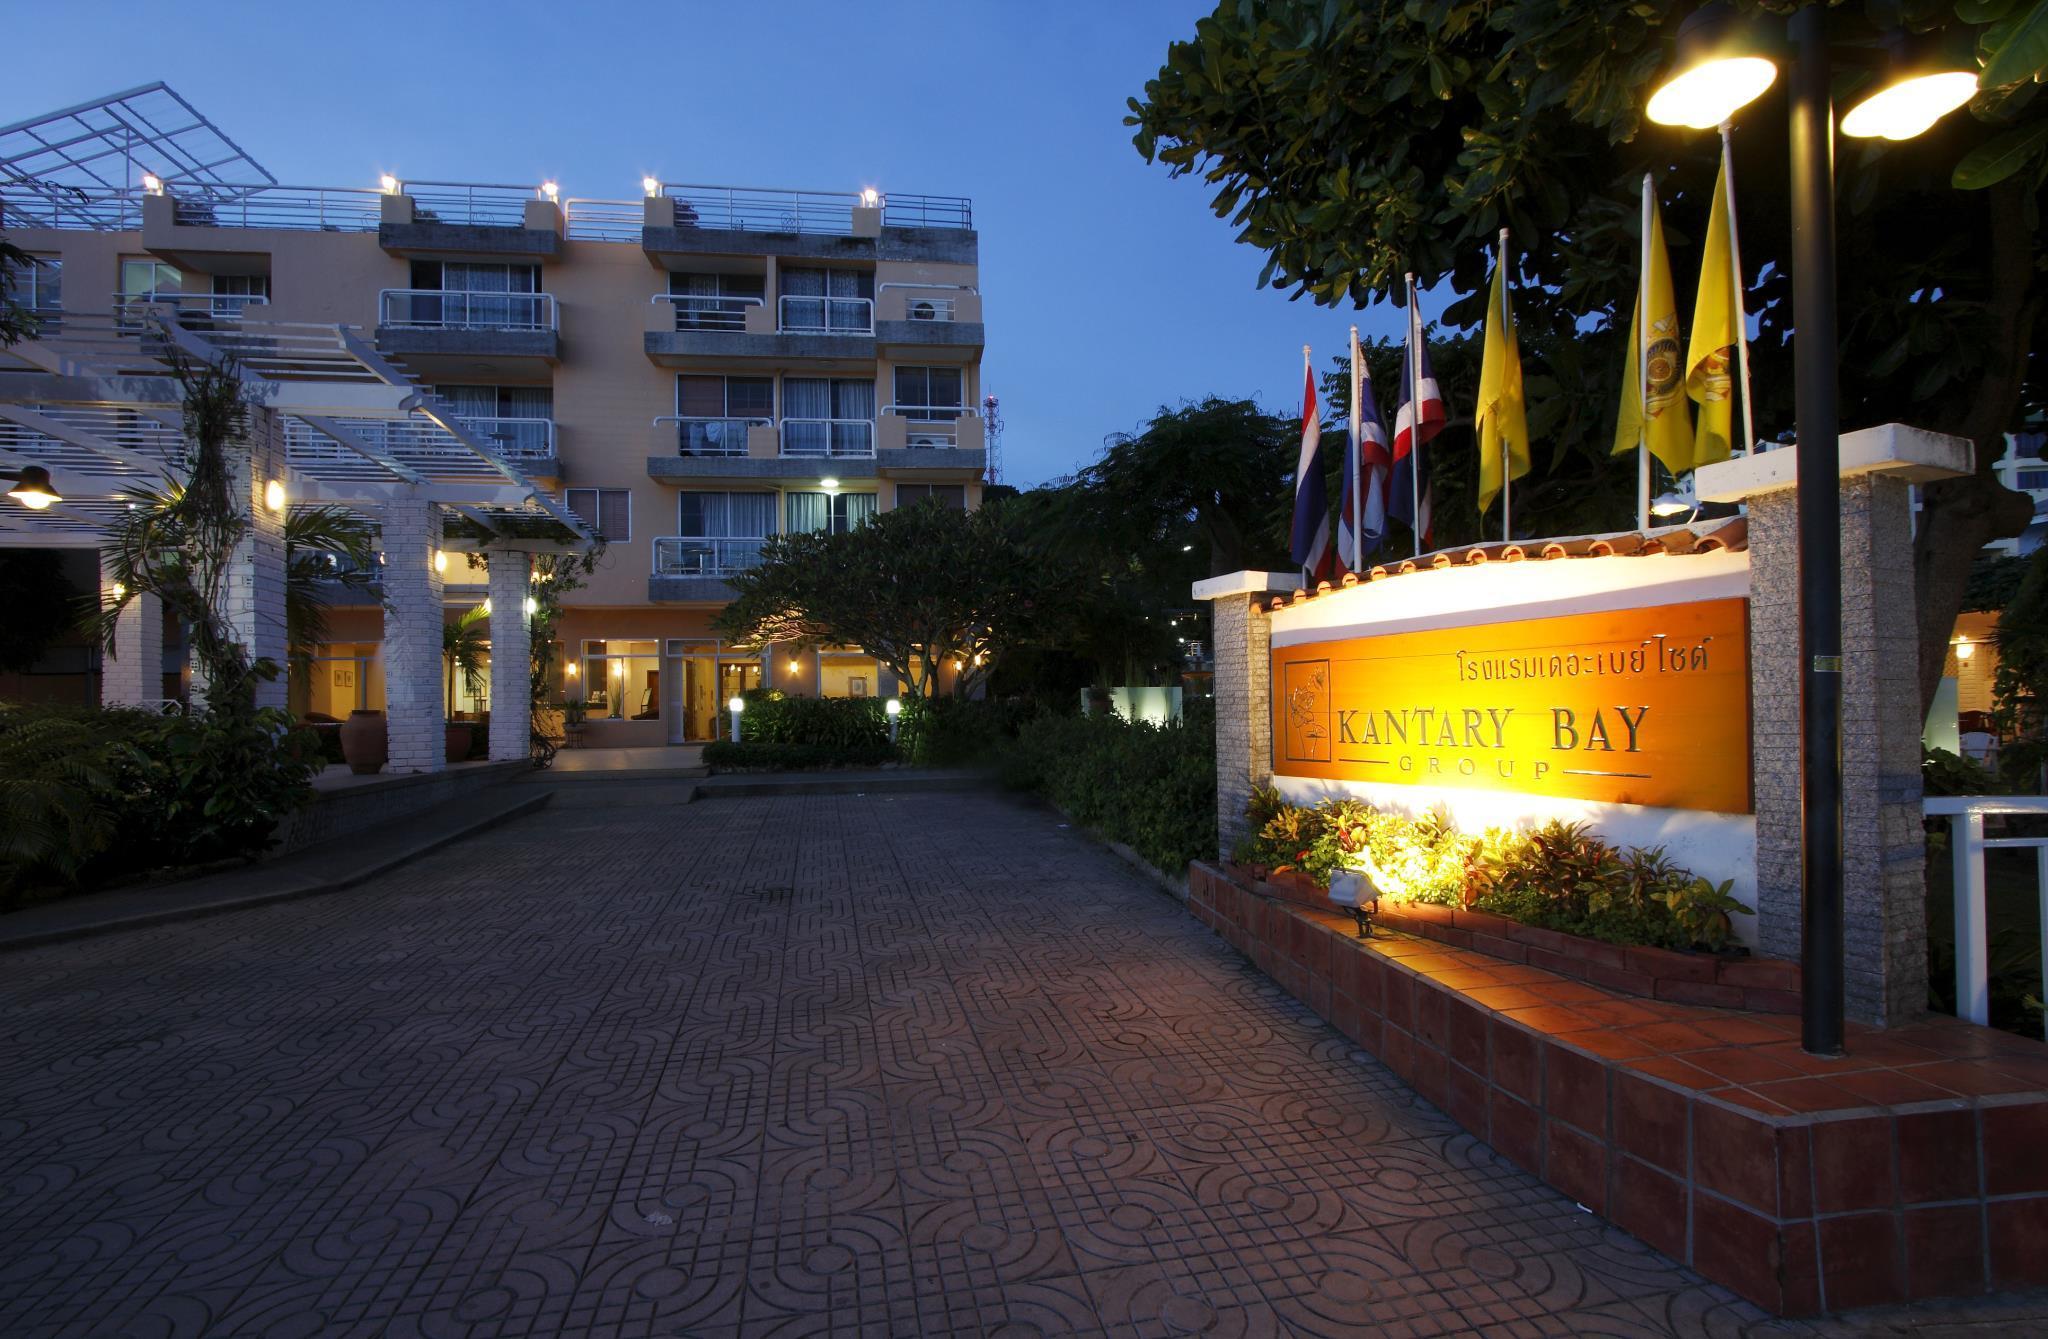 โรงแรมแคนทารี เบย์ โฮเทล ภูเก็ต